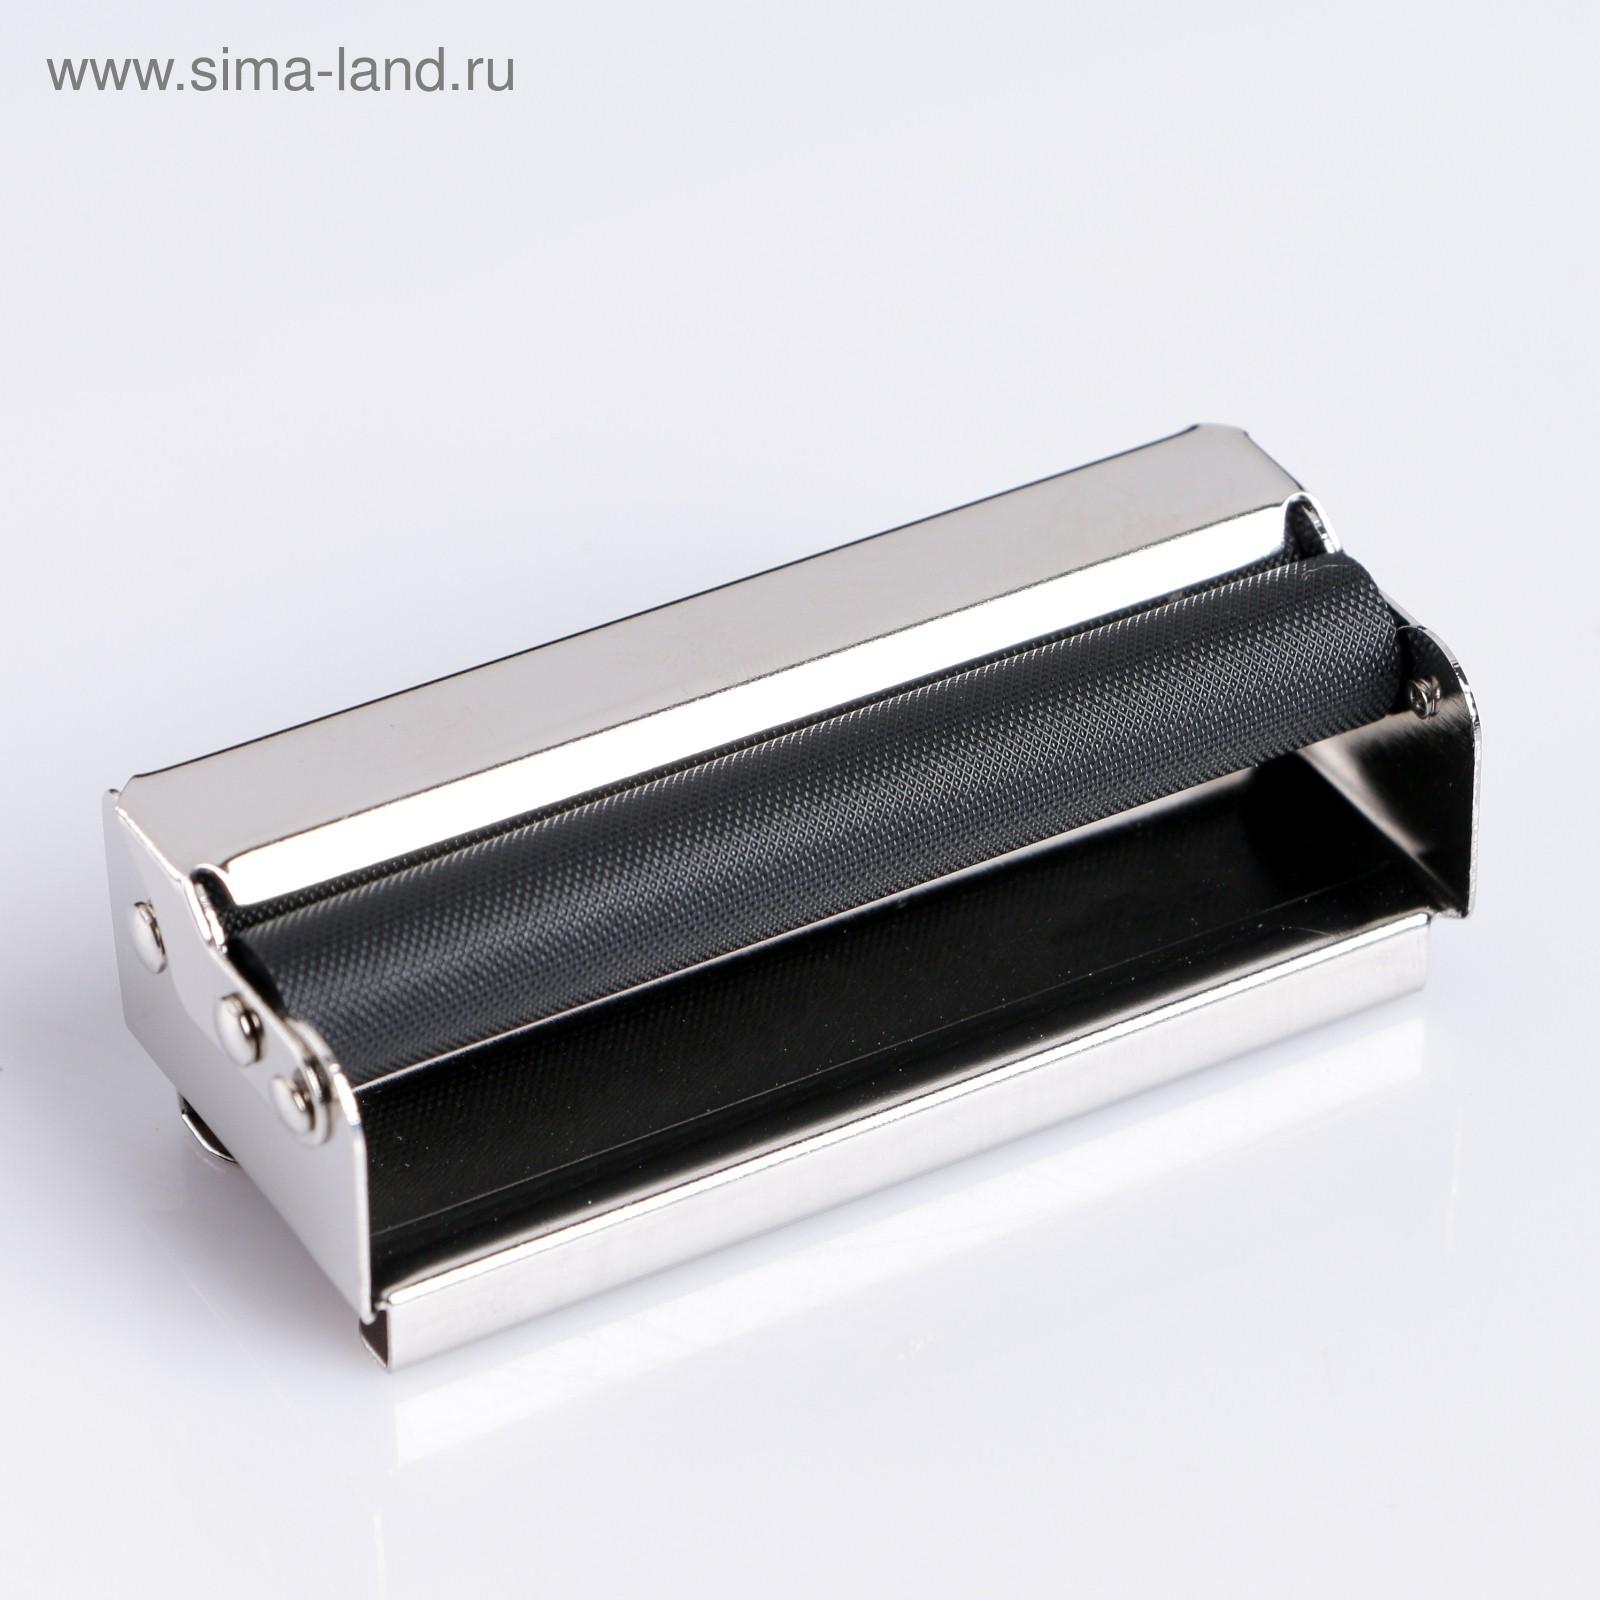 Машинка для изготовления сигарет купить в екатеринбурге электронные сигареты купить в вологде адреса